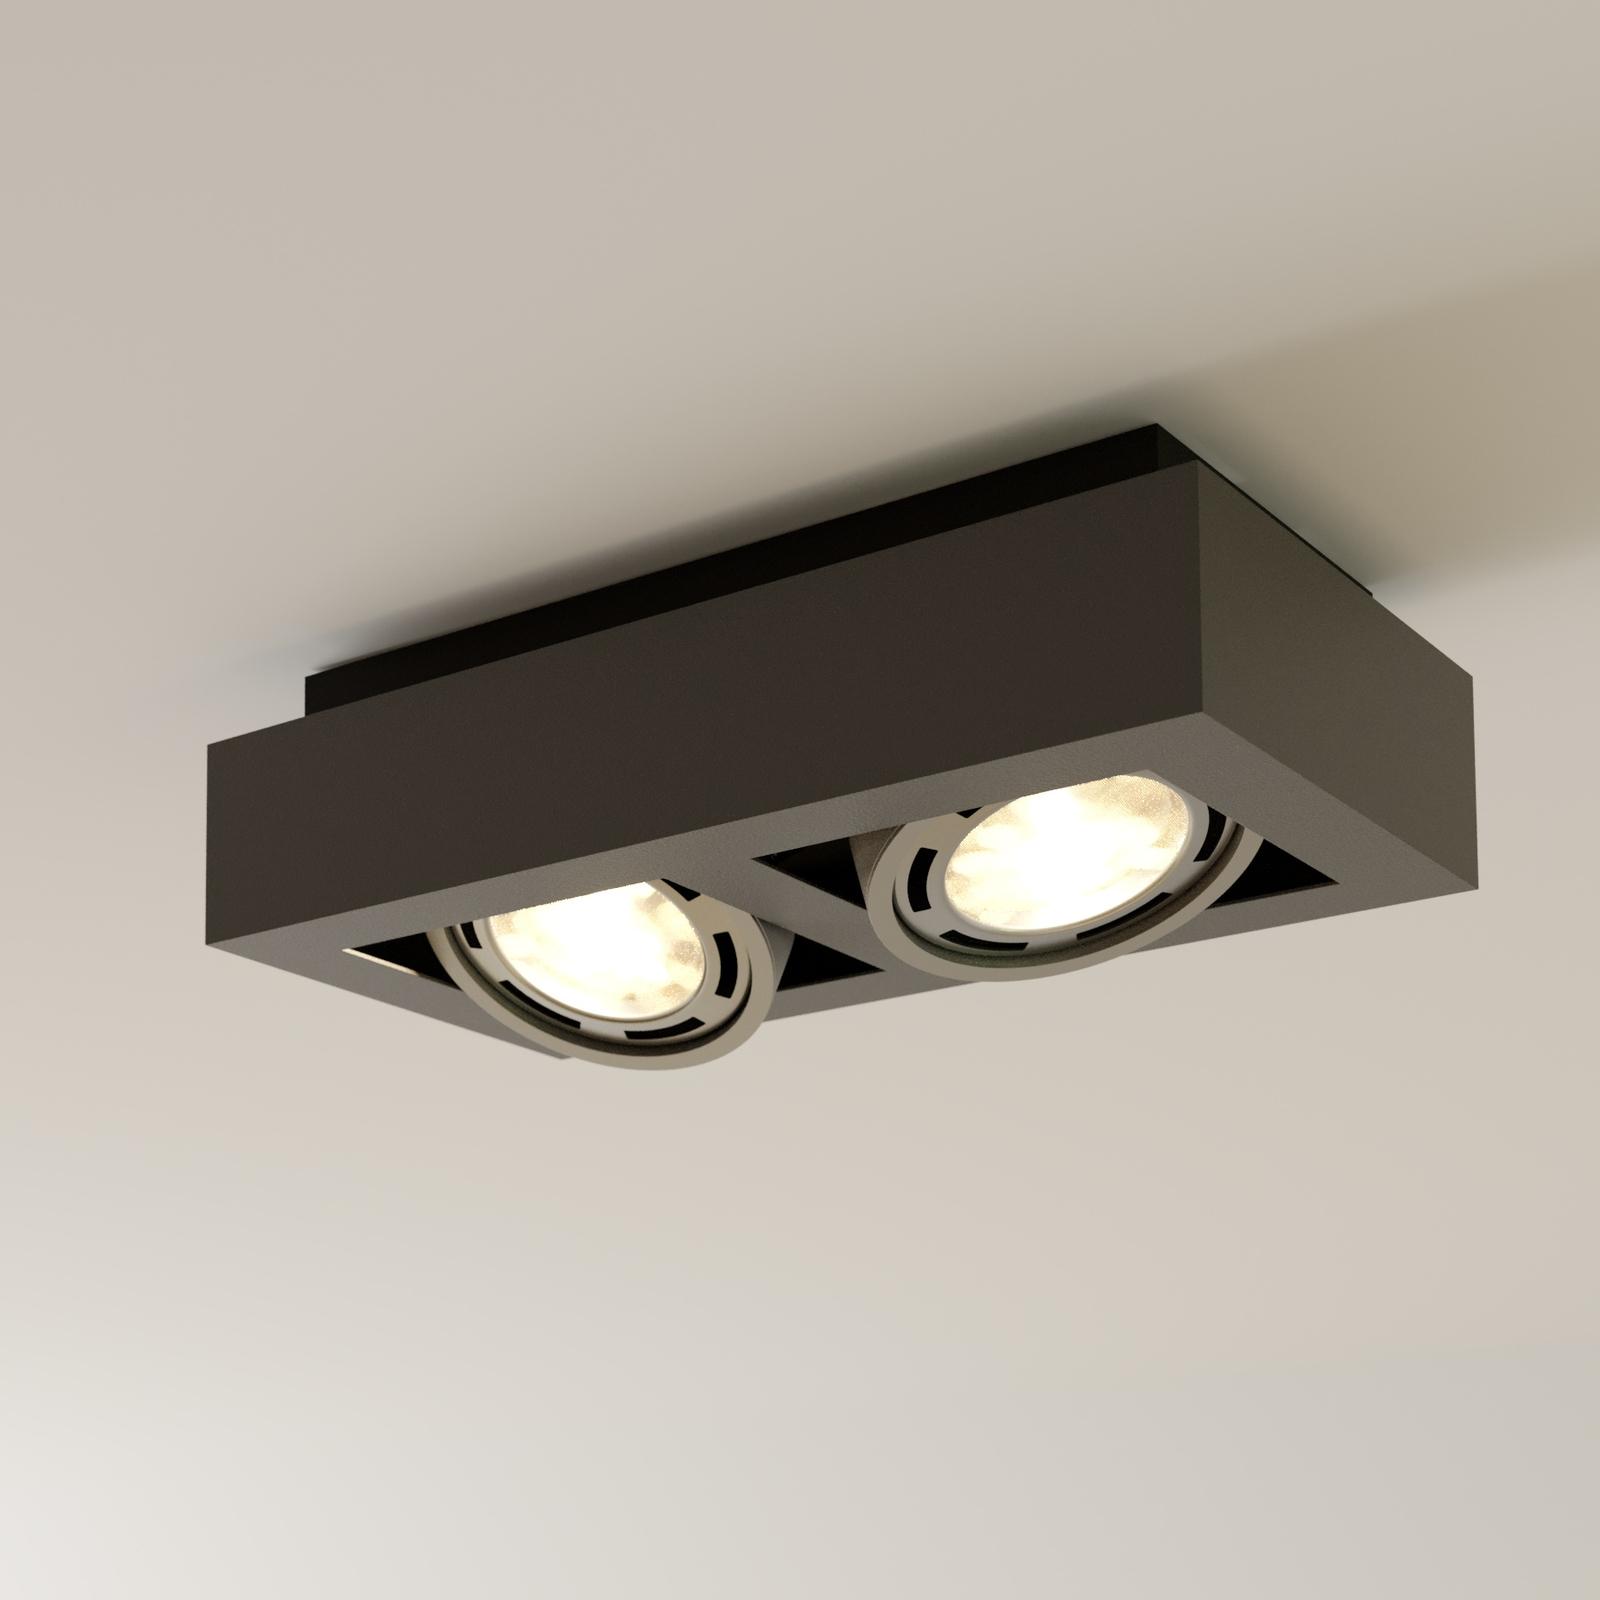 LED-takspot Ronka, GU10, 2 lyskilder, mørkegrå